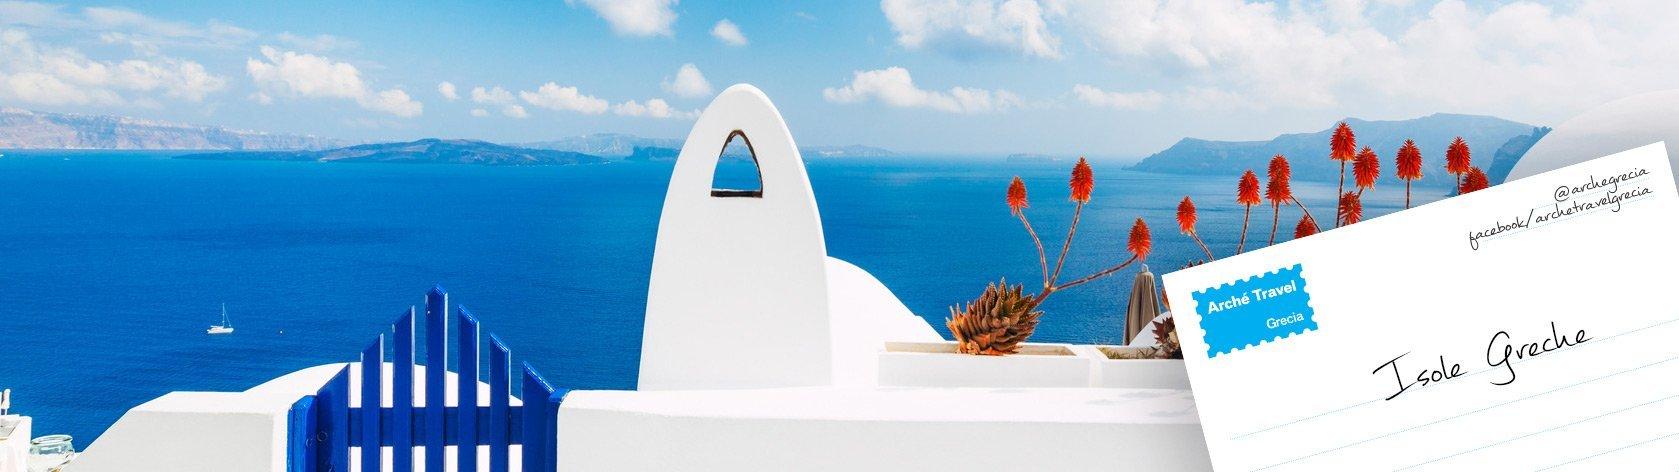 CATALOGHI Viaggi Isole Greche Tour Isole Greche - Arché Travel - Tour Operator Isole Greche Grecia